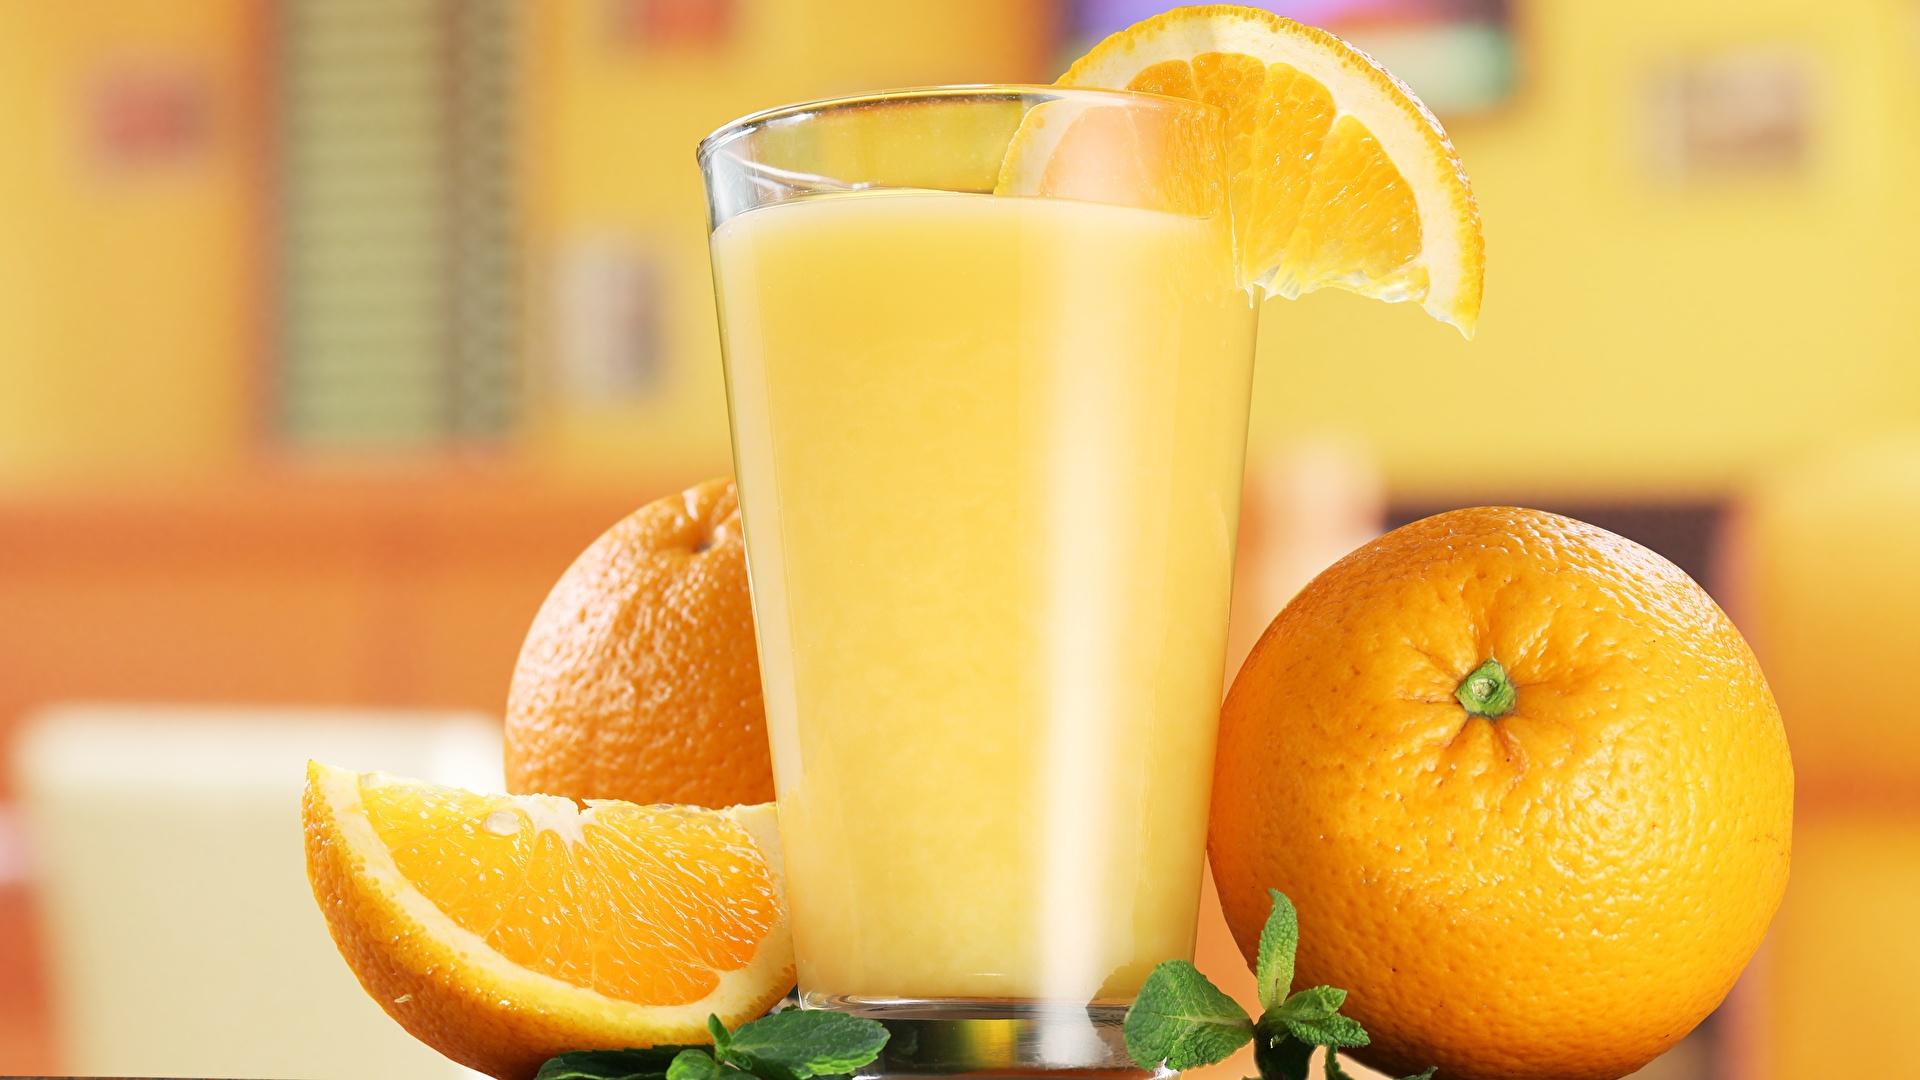 Обои Сок Апельсин Стакан Еда 1920x1080 стакана стакане Пища Продукты питания